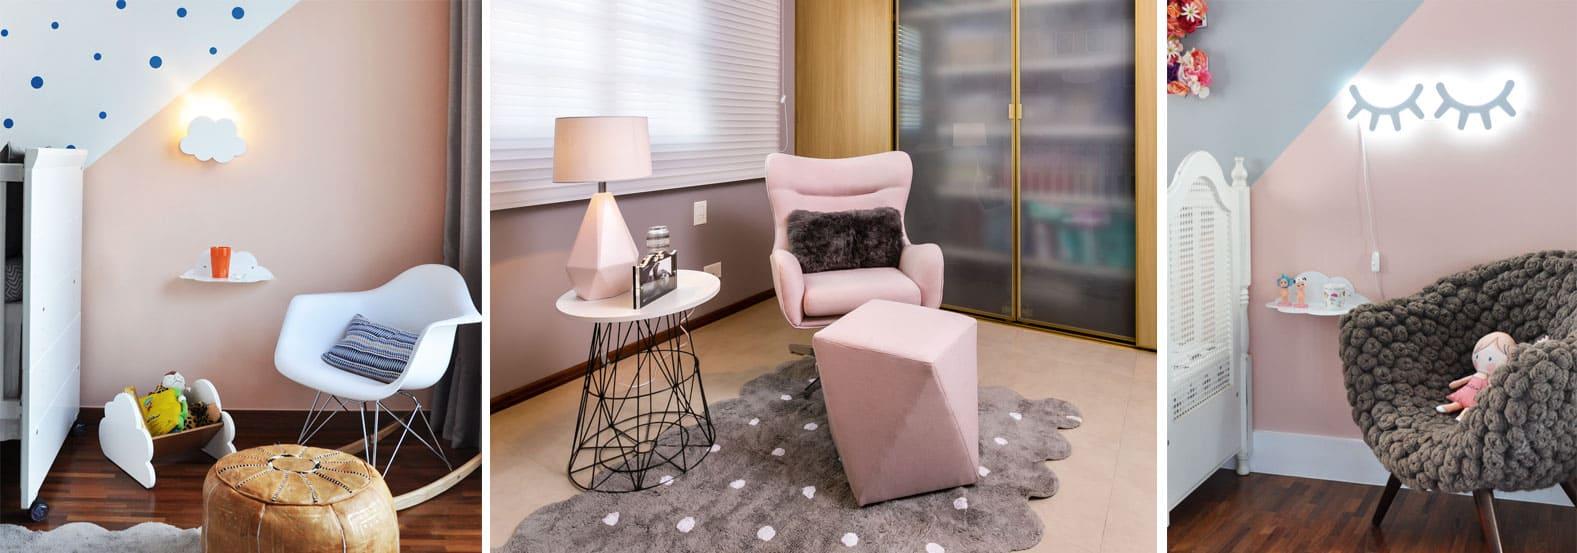 Imagens ilustrativas de ambientes em tons rosas, com poltrona e abajur cílios